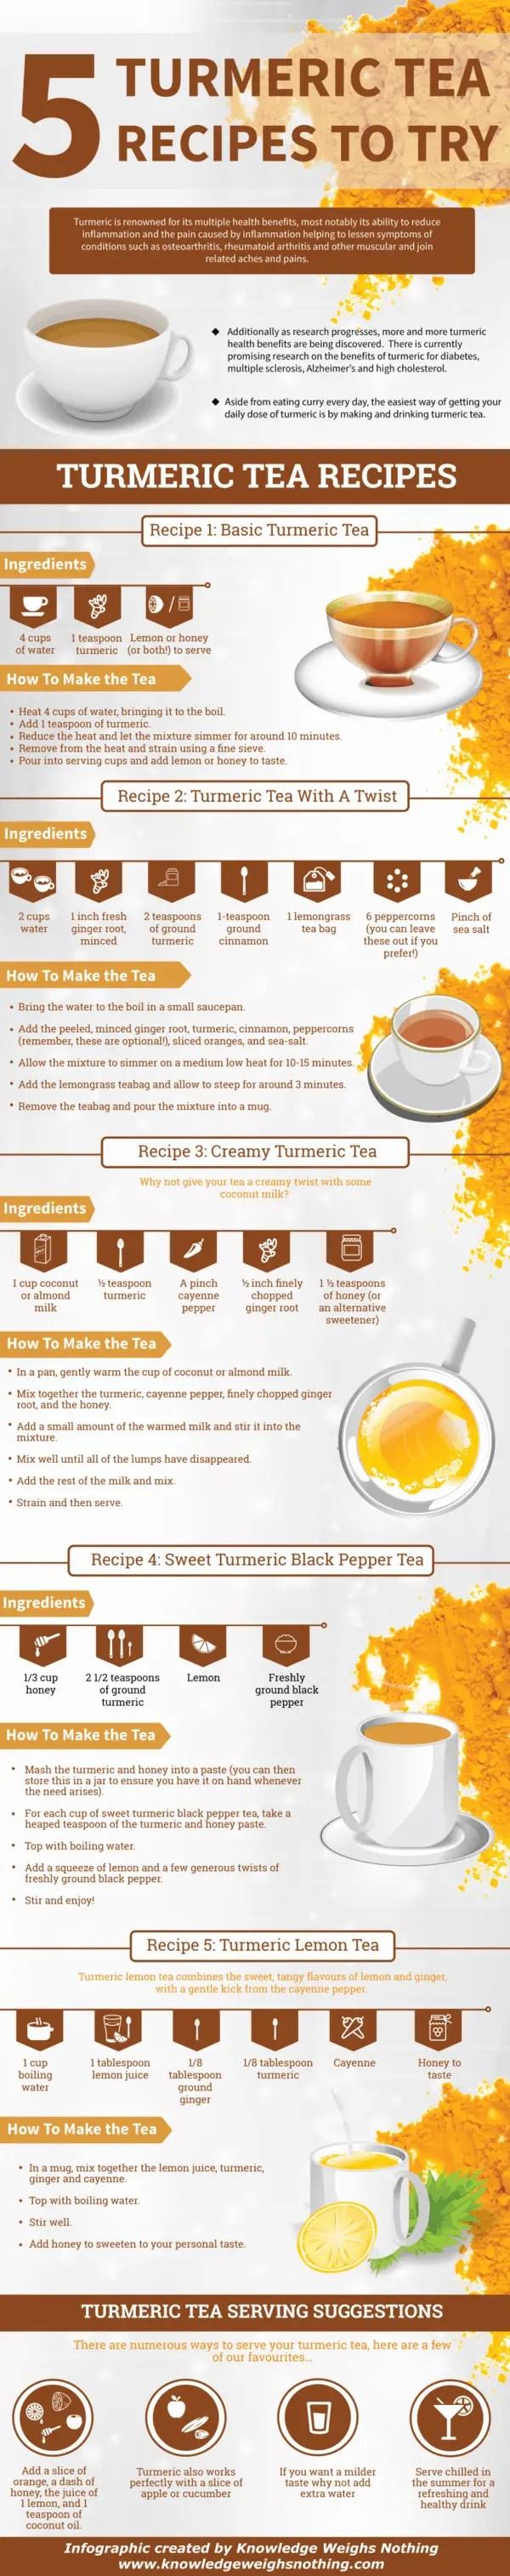 How to make turmeric tea infographic